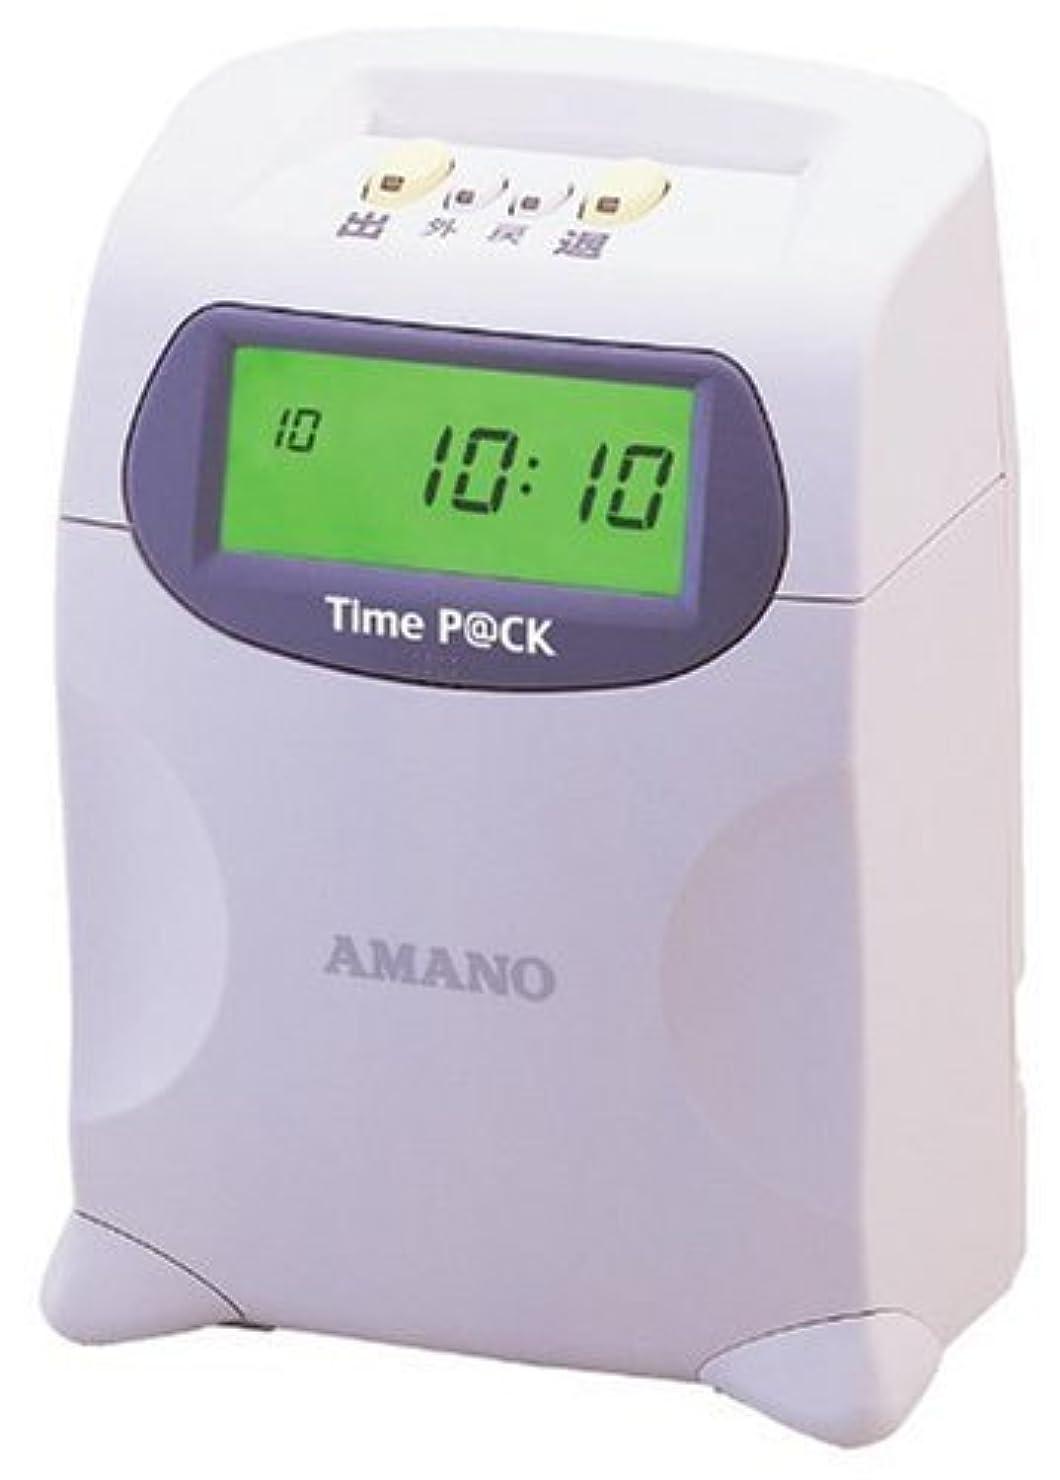 移住する気性見かけ上アマノ パソコン接続式タイムレコーダーTimeP@CK TimeP@CK